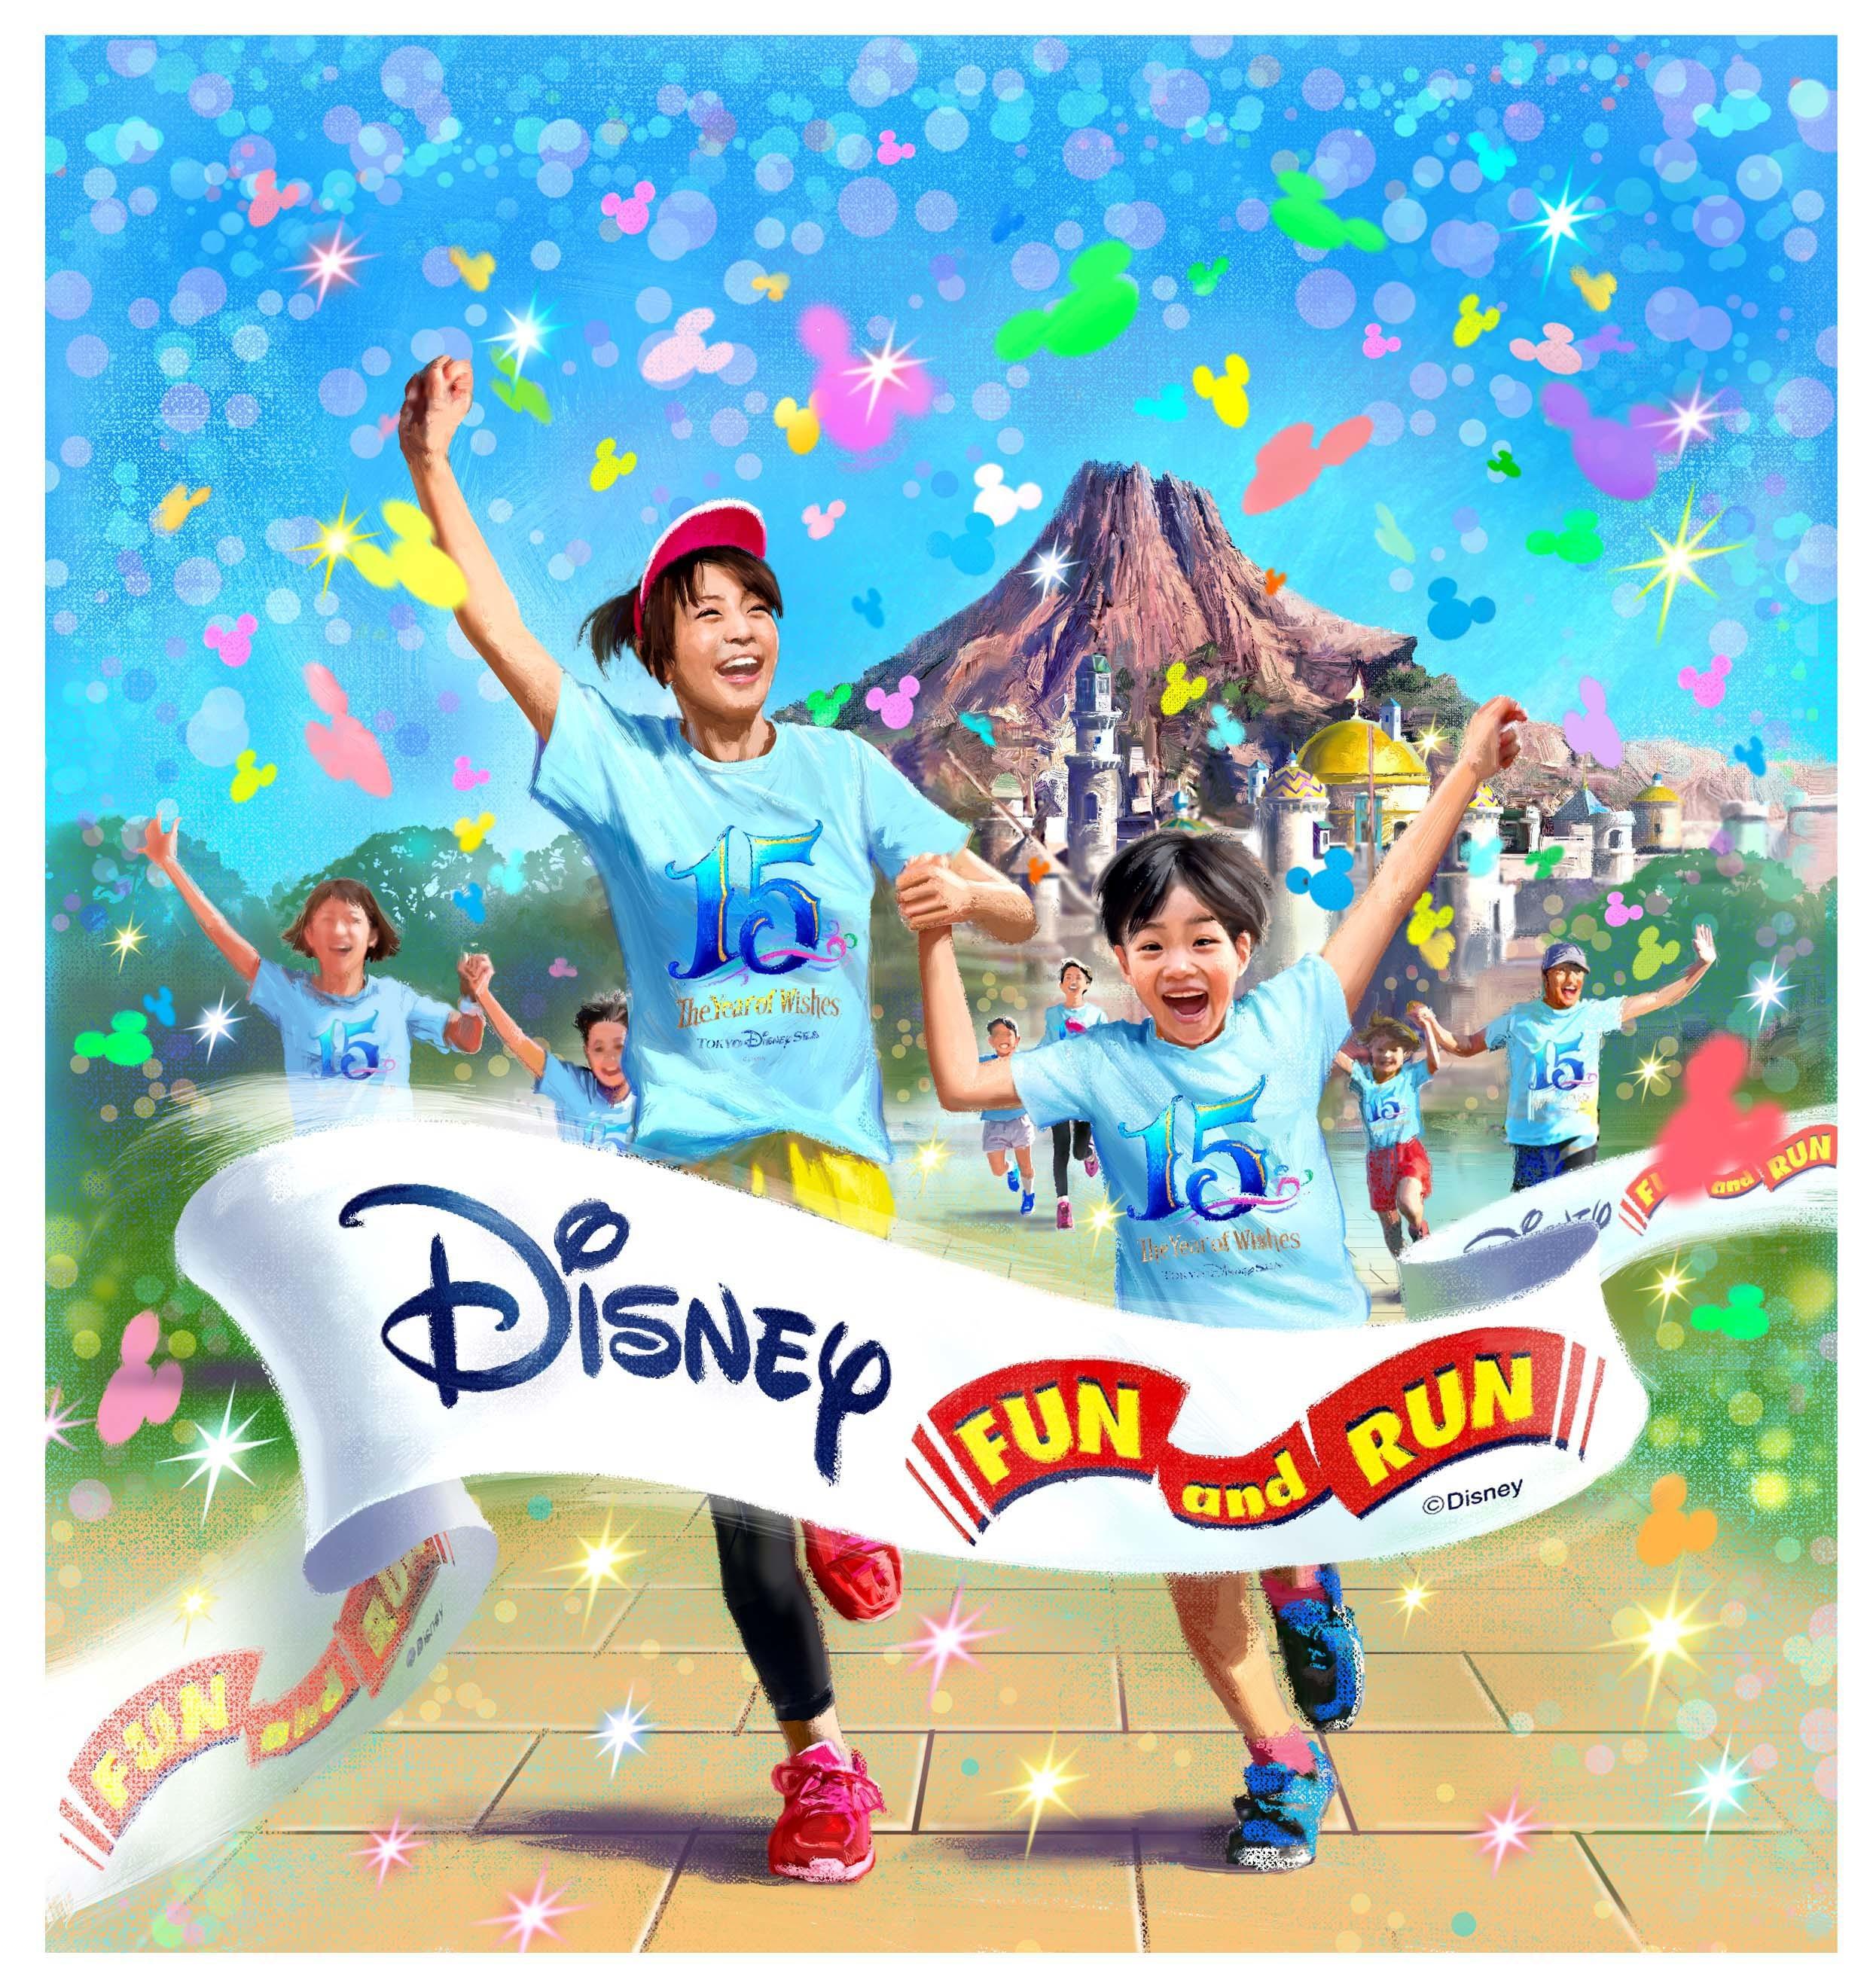 ※「ディズニー・ファン・アンド・ラン」イメージ  © Disney